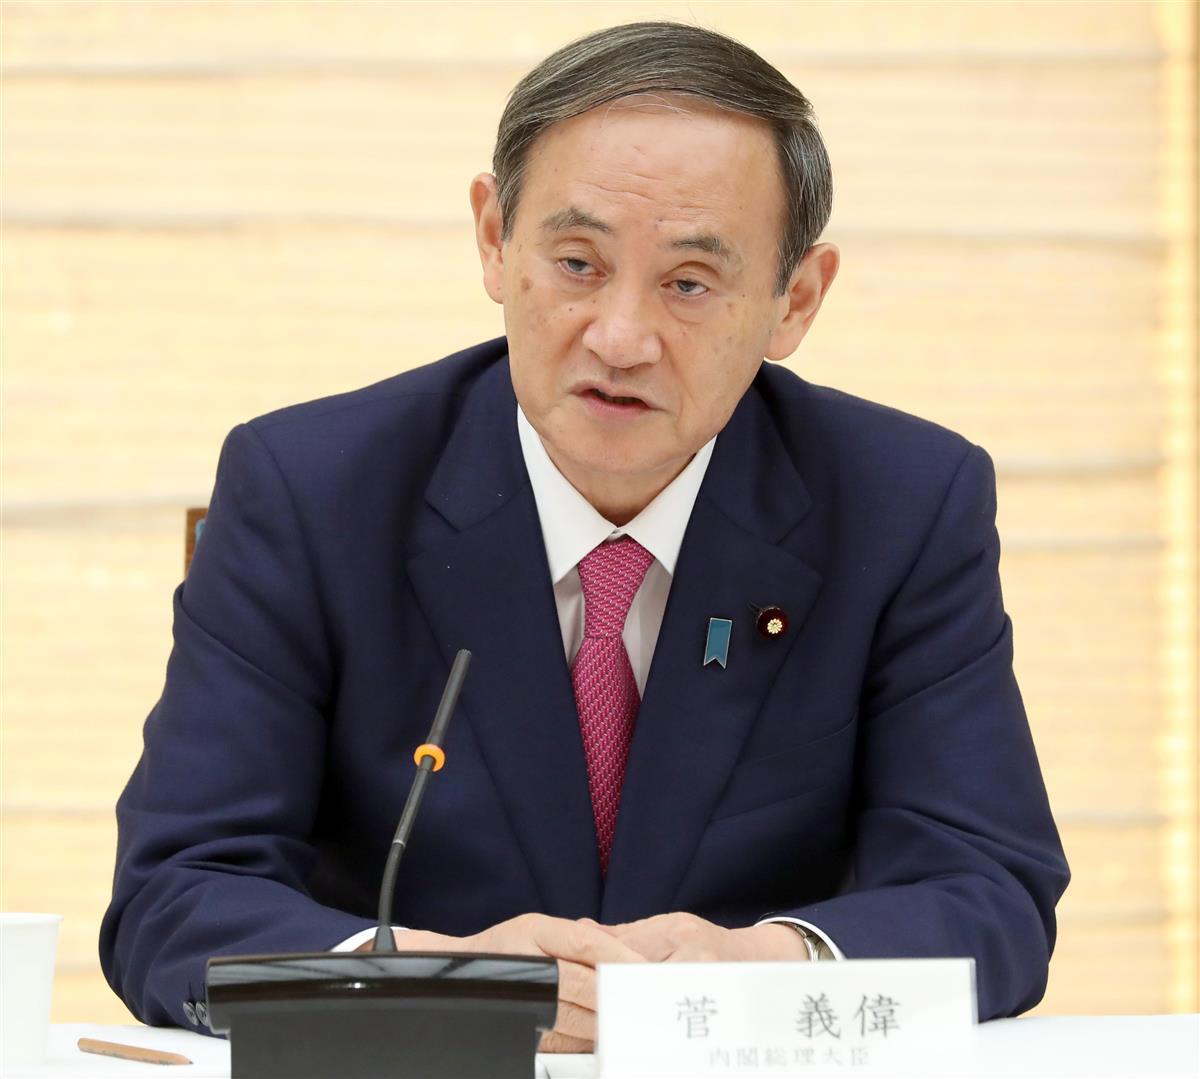 政治 成長戦略会議 菅義偉首相